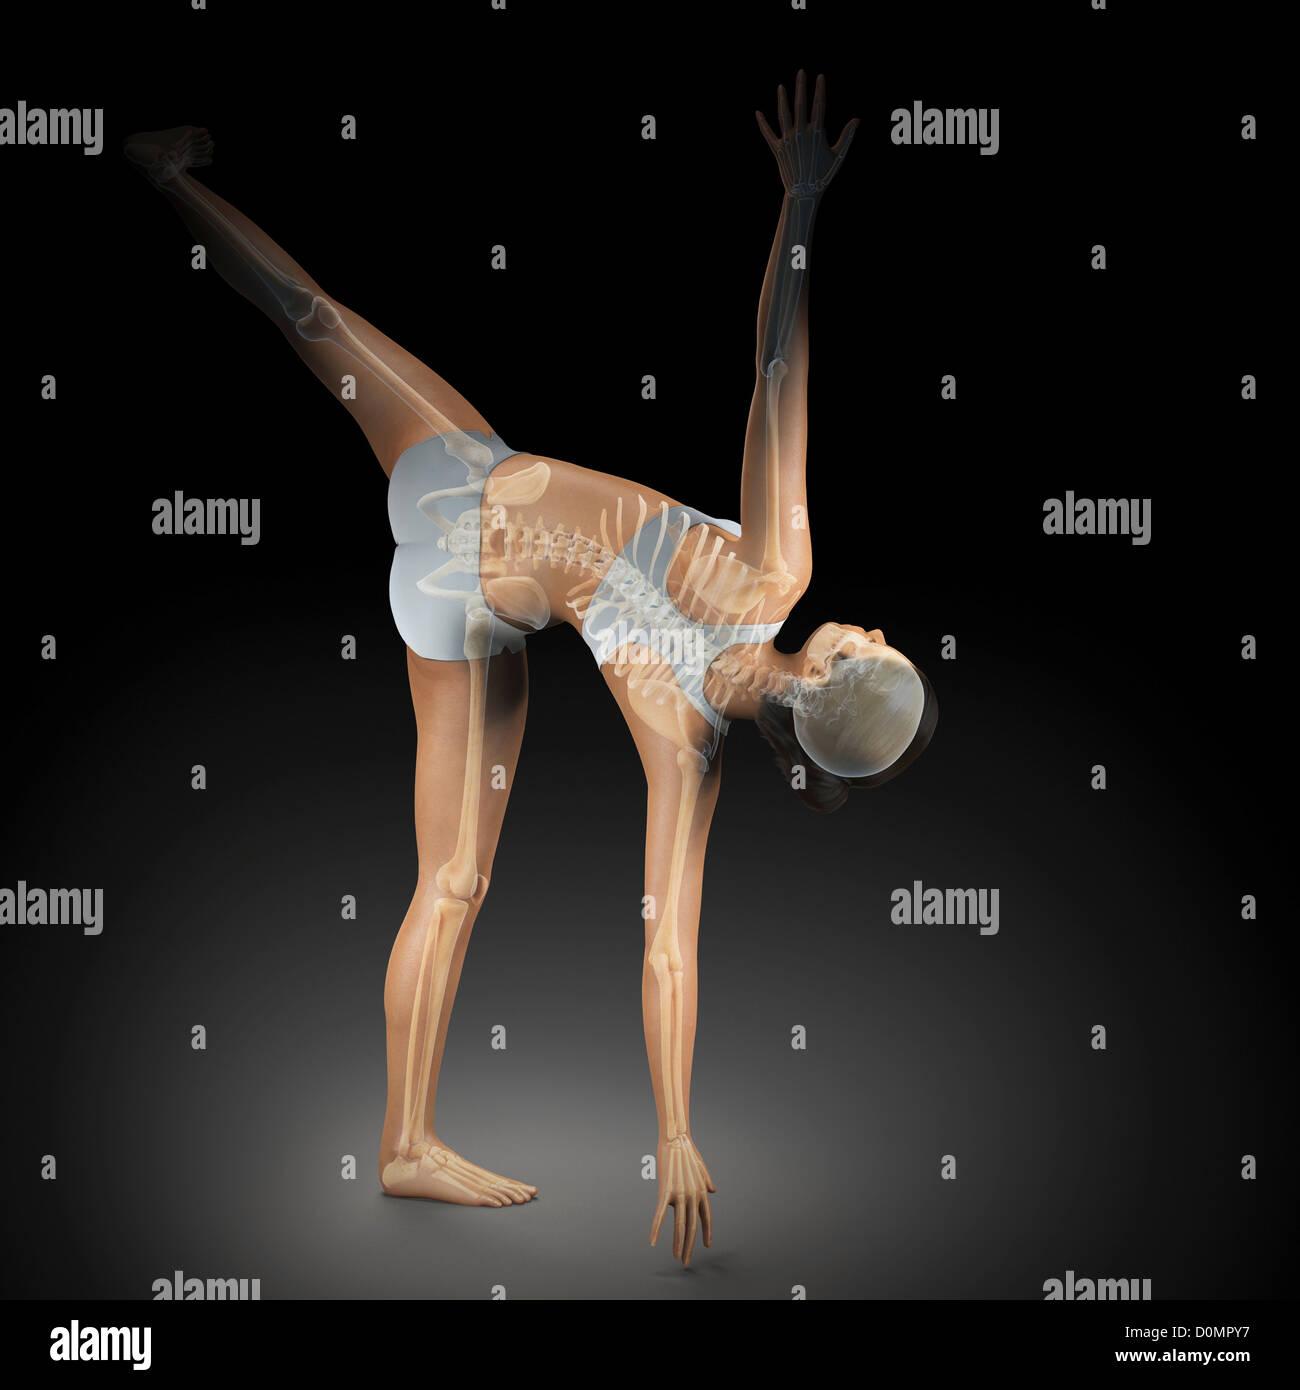 Skelett über einen weiblichen Körper in Halbmond-Pose zeigt die Skelette Ausrichtung von diesem bestimmten Stockbild